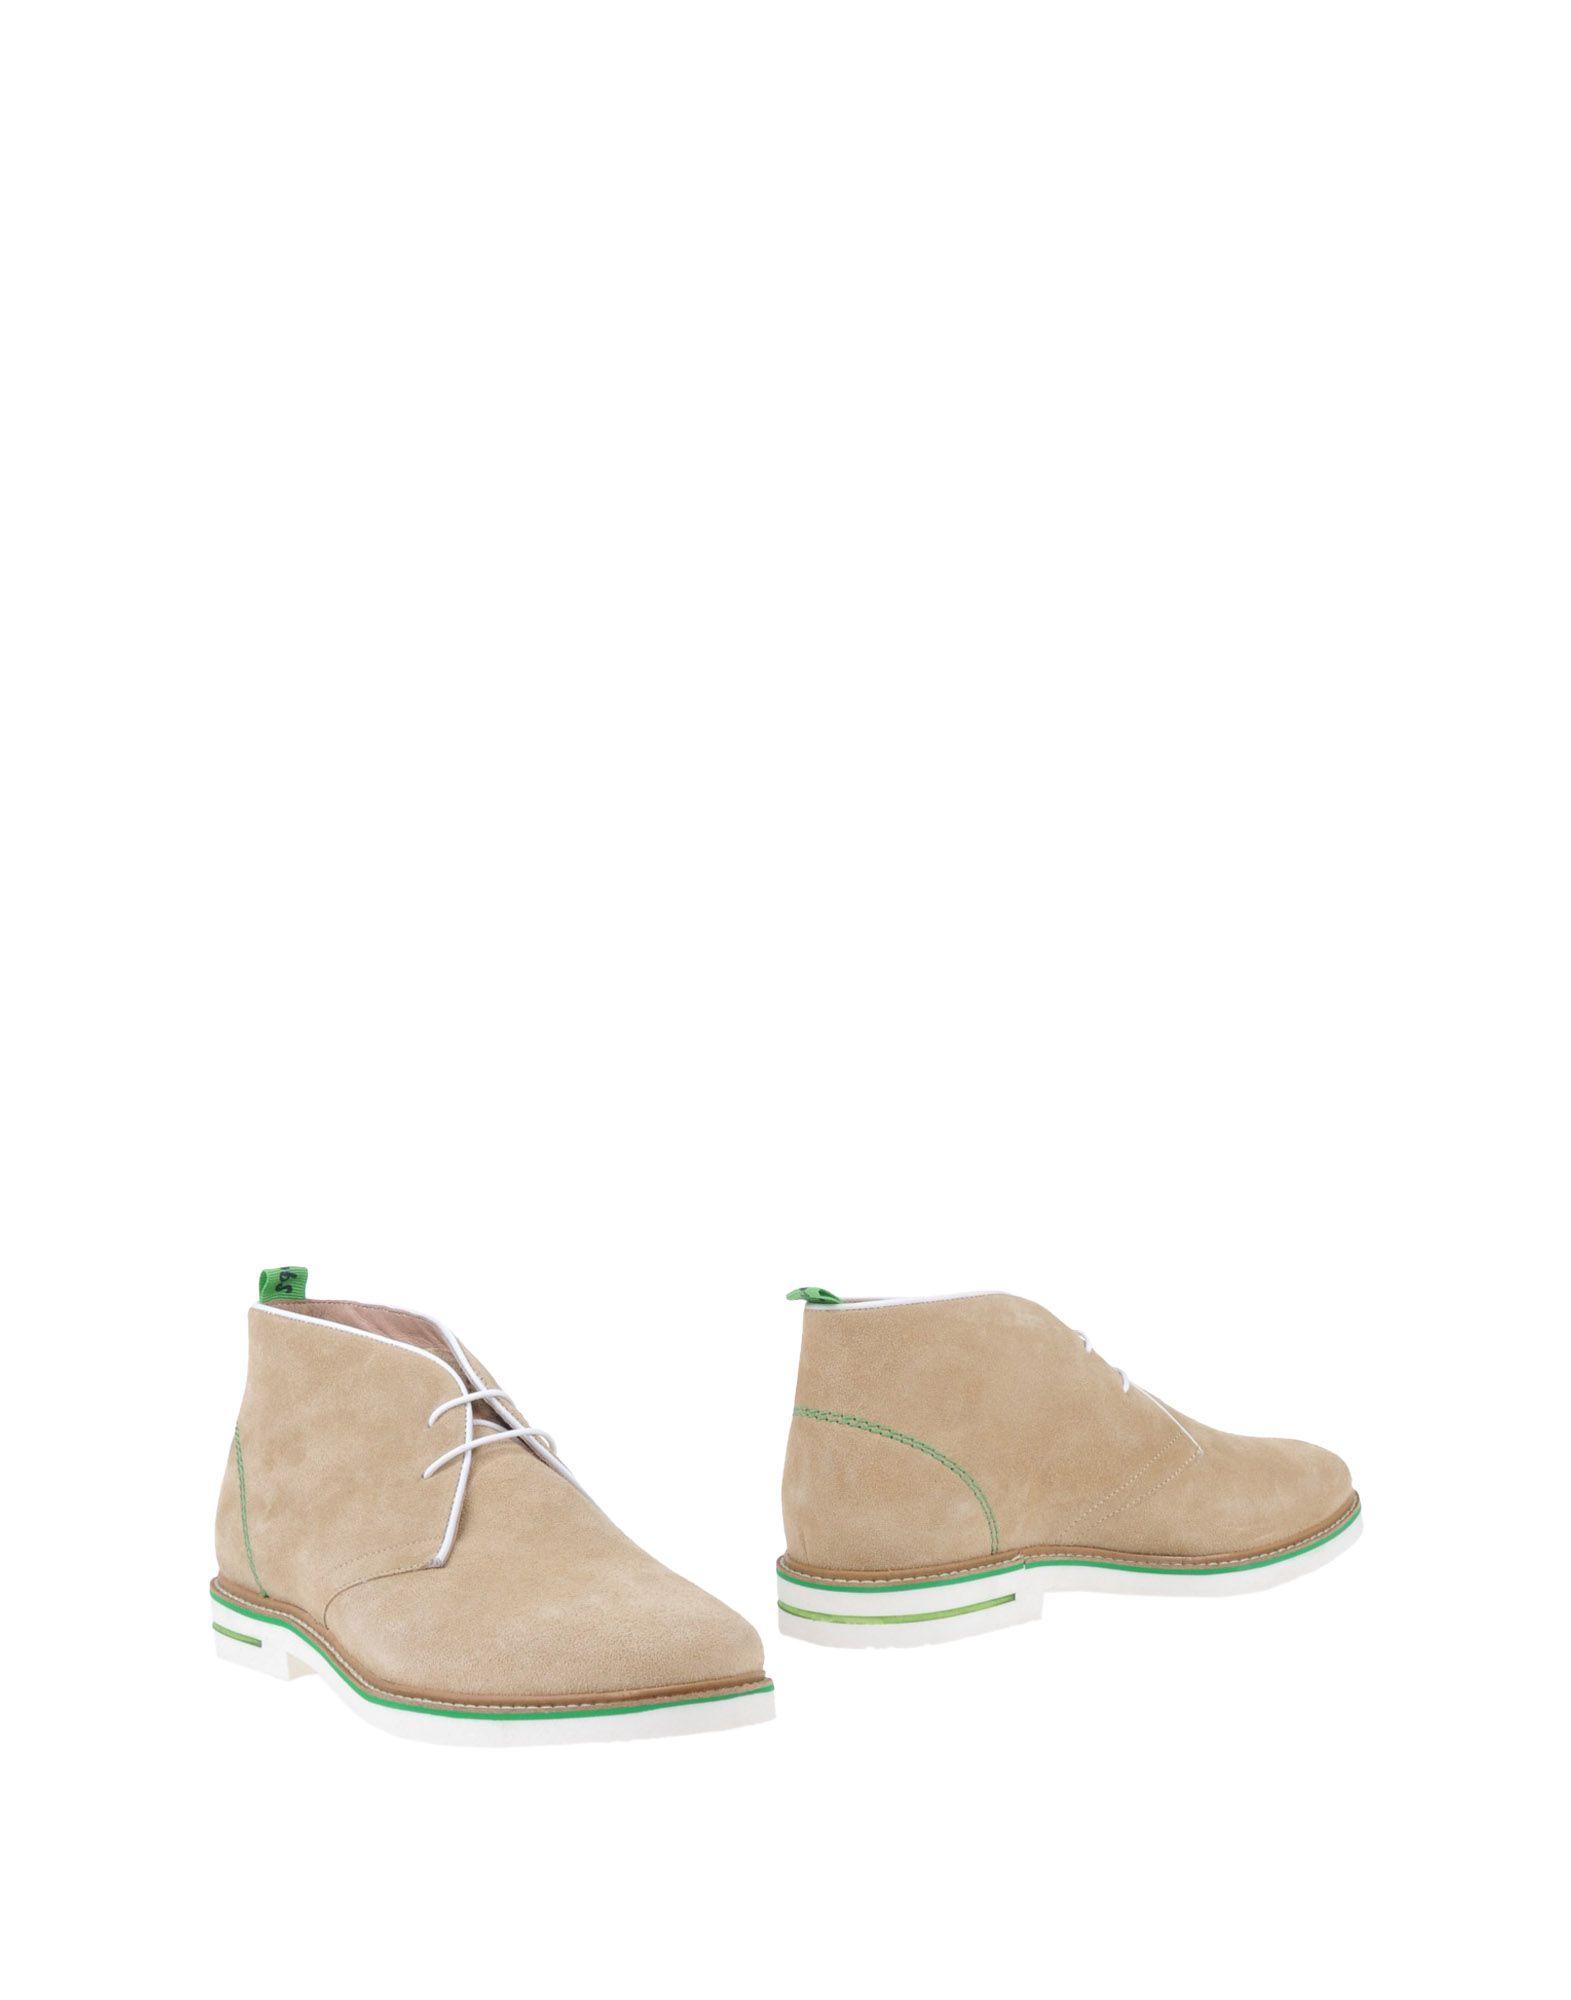 Snobs® Stiefelette  Herren  Stiefelette 11396083DV Heiße Schuhe de1a0c